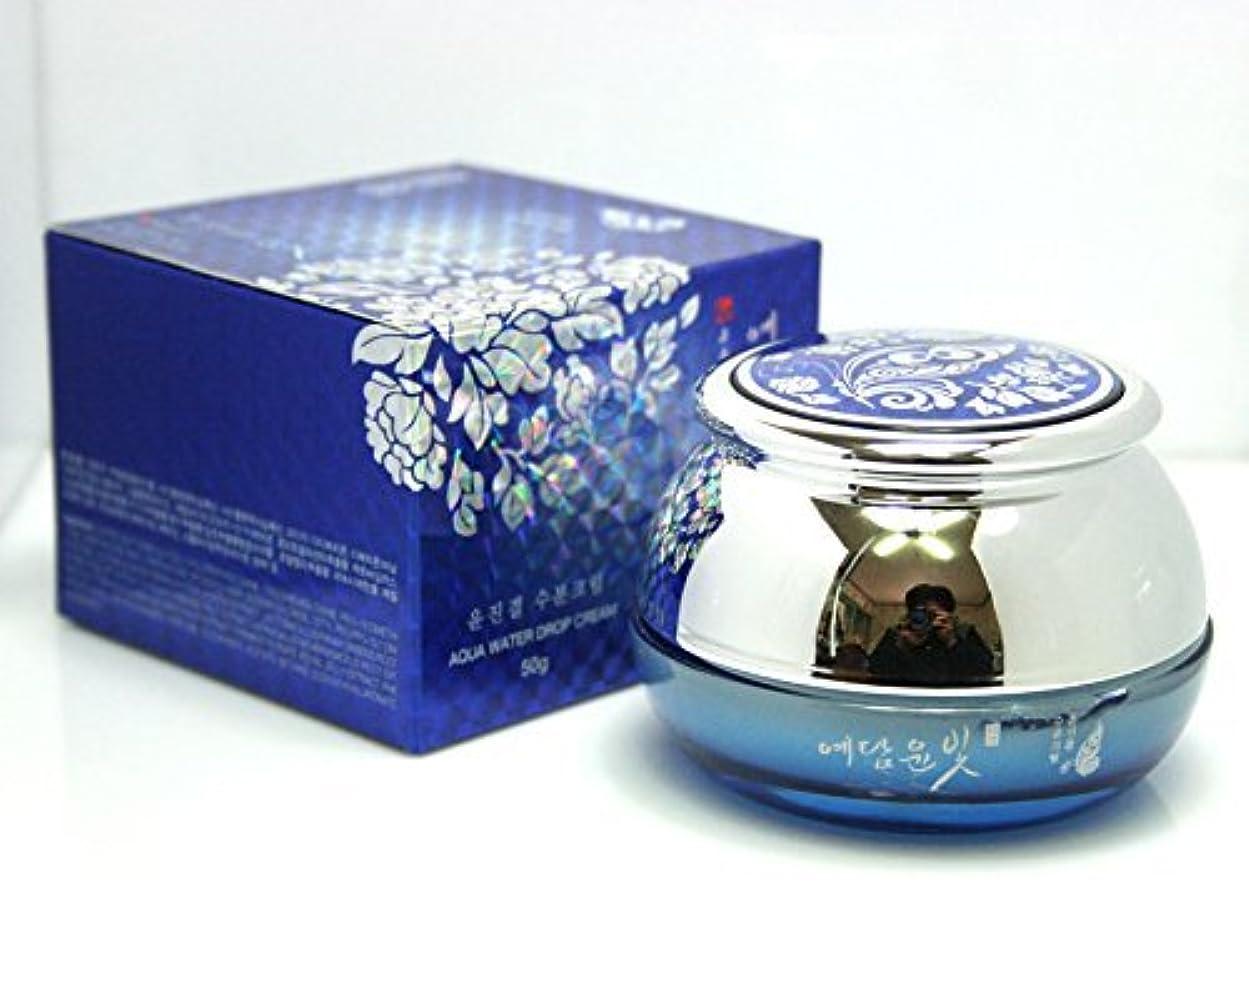 メモアンドリューハリディ過度に[YEDAM YUN BIT] Yunjin Gyeolアクアウォータードロップクリーム50g / オリエンタルハーブ / 韓国化粧品 / Yunjin Gyeol Aqua Water Drop Cream 50g /...